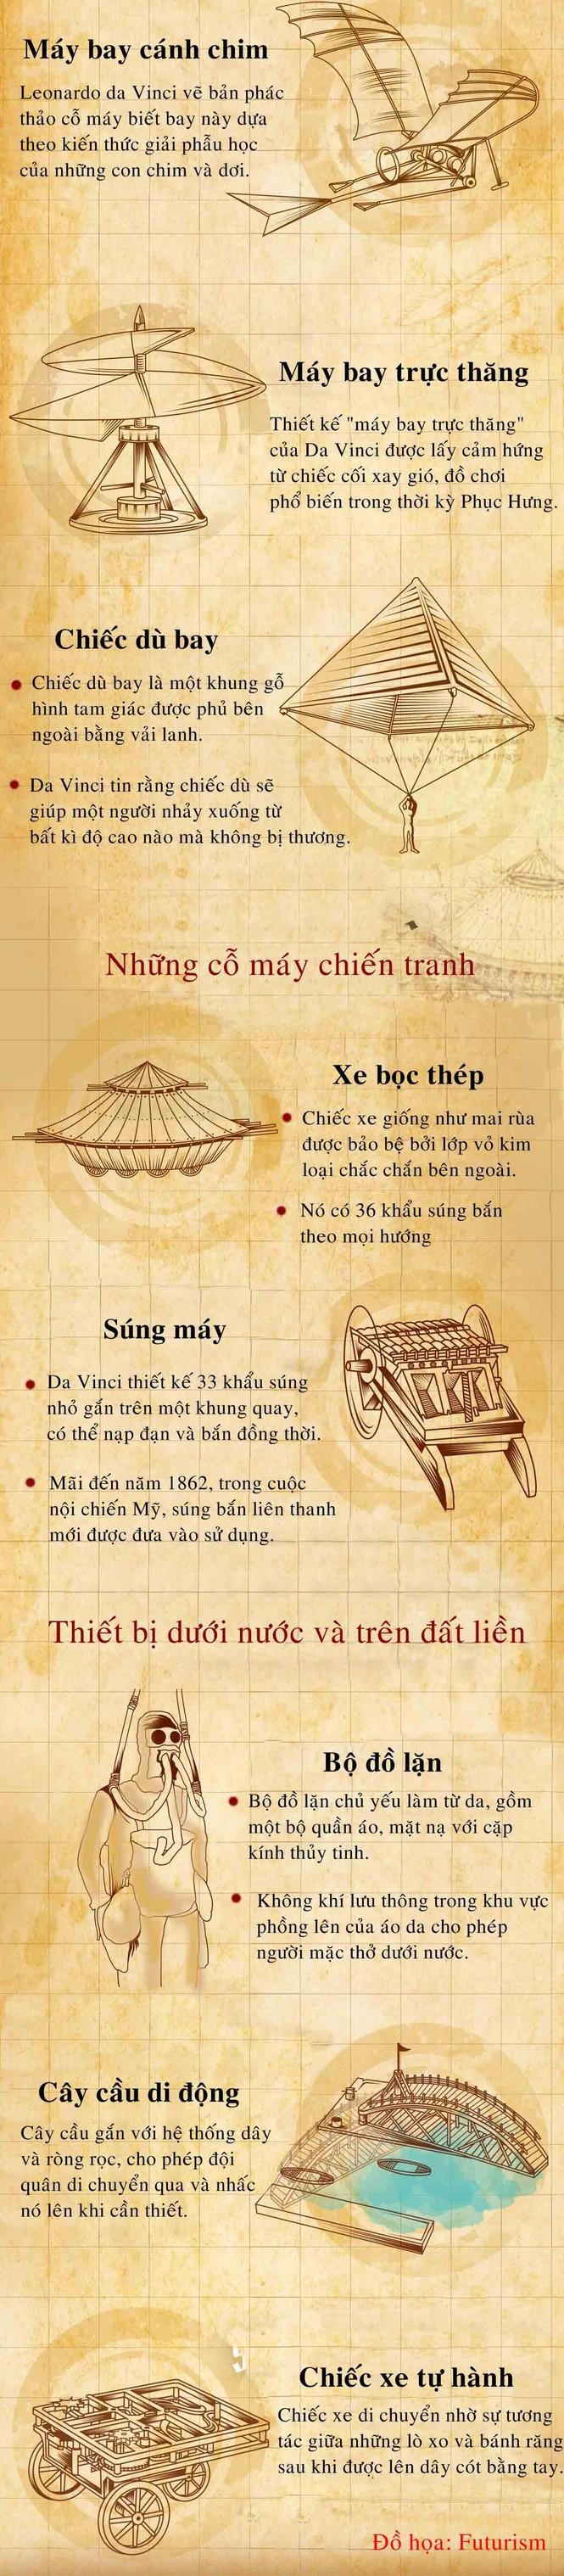 Những ý tưởng sáng chế vượt thời đại của Leonardo da Vinci - ảnh 1